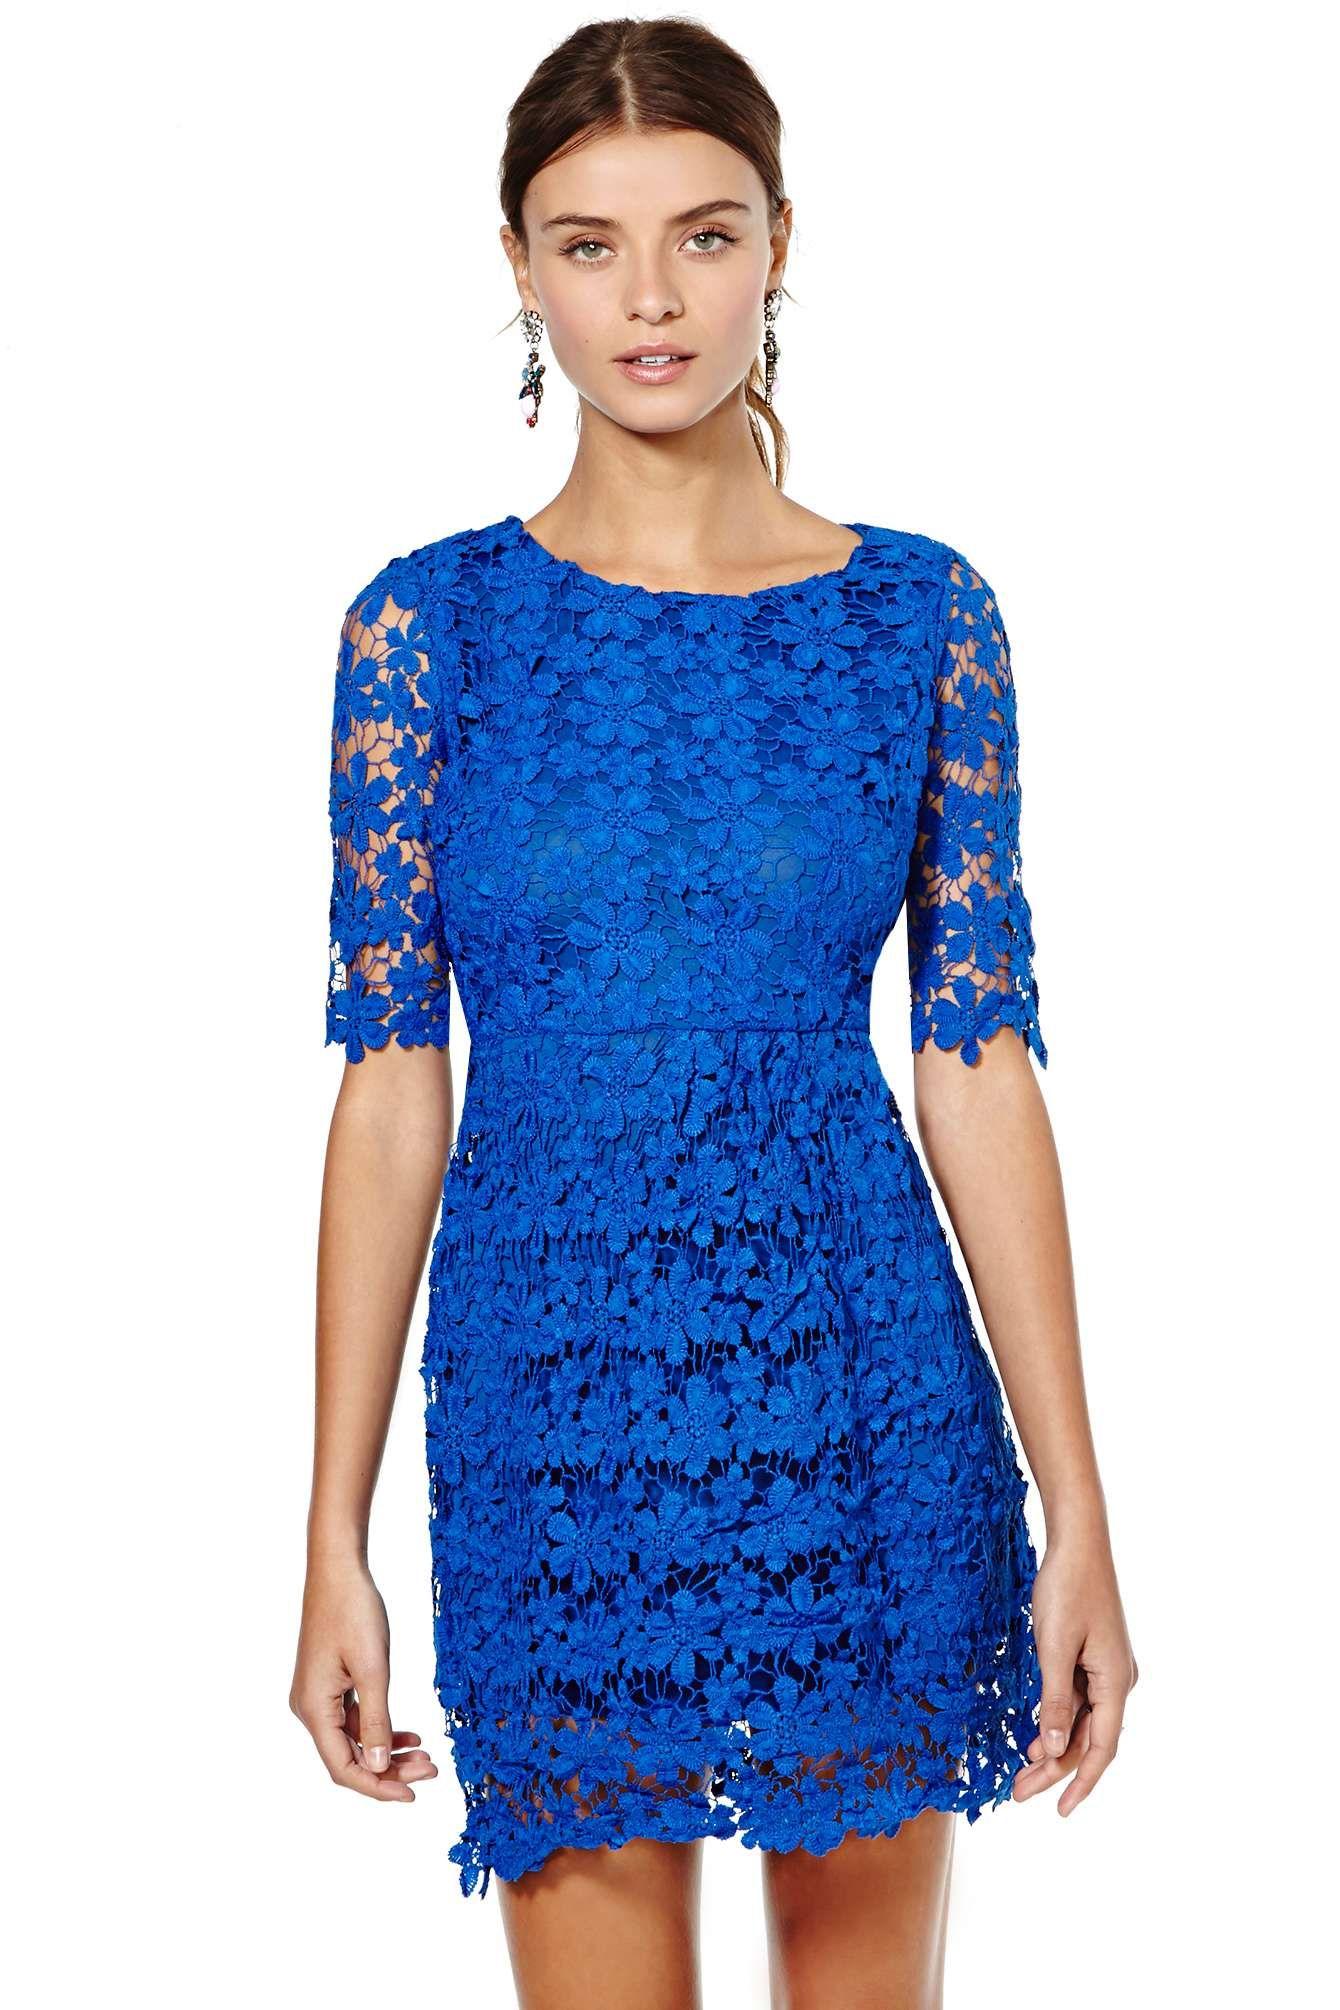 Royal blue wedding guest dress | vestidos top | Pinterest | Blue ...